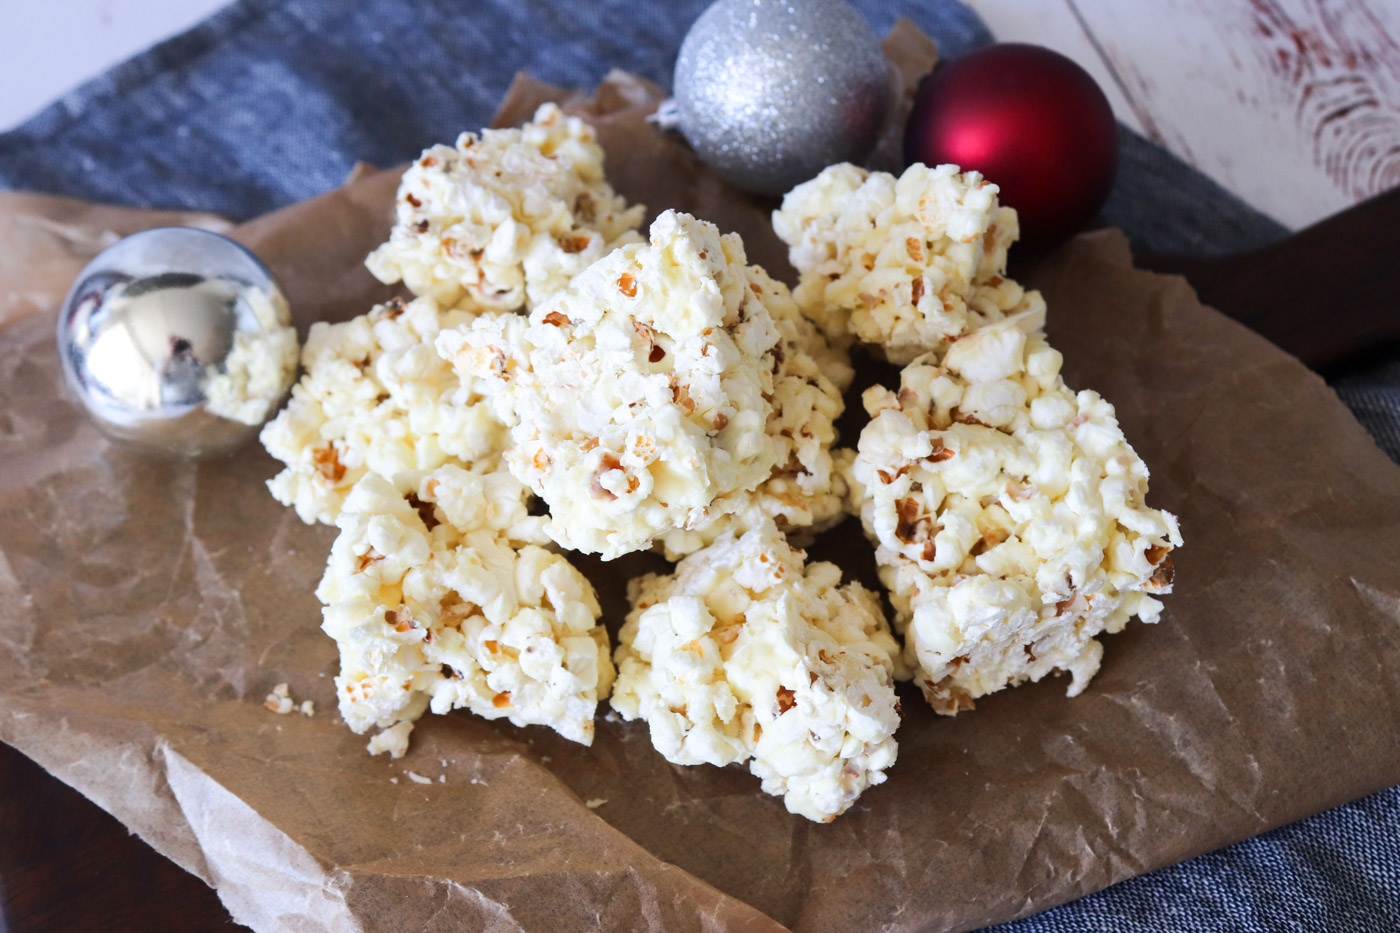 Popcornbrud Med Chokolade – Snack Til Jul Med Popcorn Og Chokolade